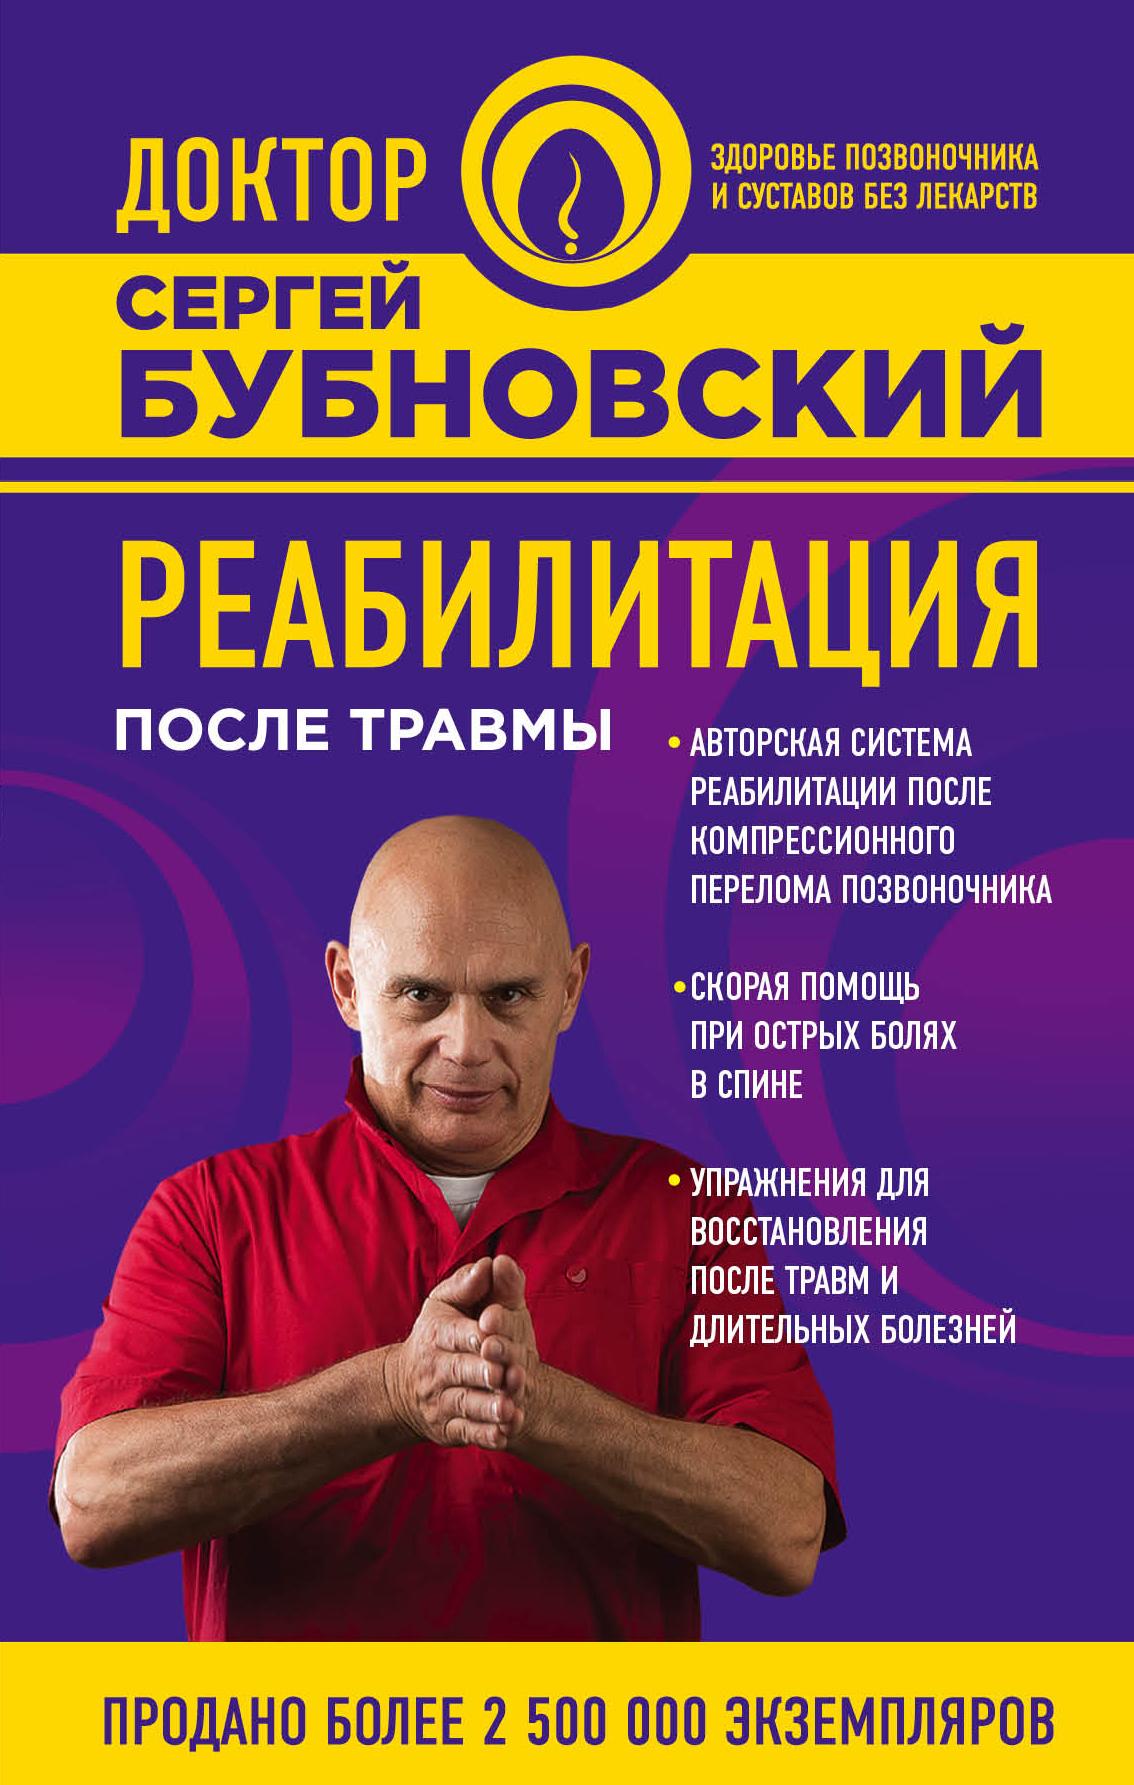 Сергей Бубновский Реабилитация после травмы кинезитерапия доктор бубновский тренажер